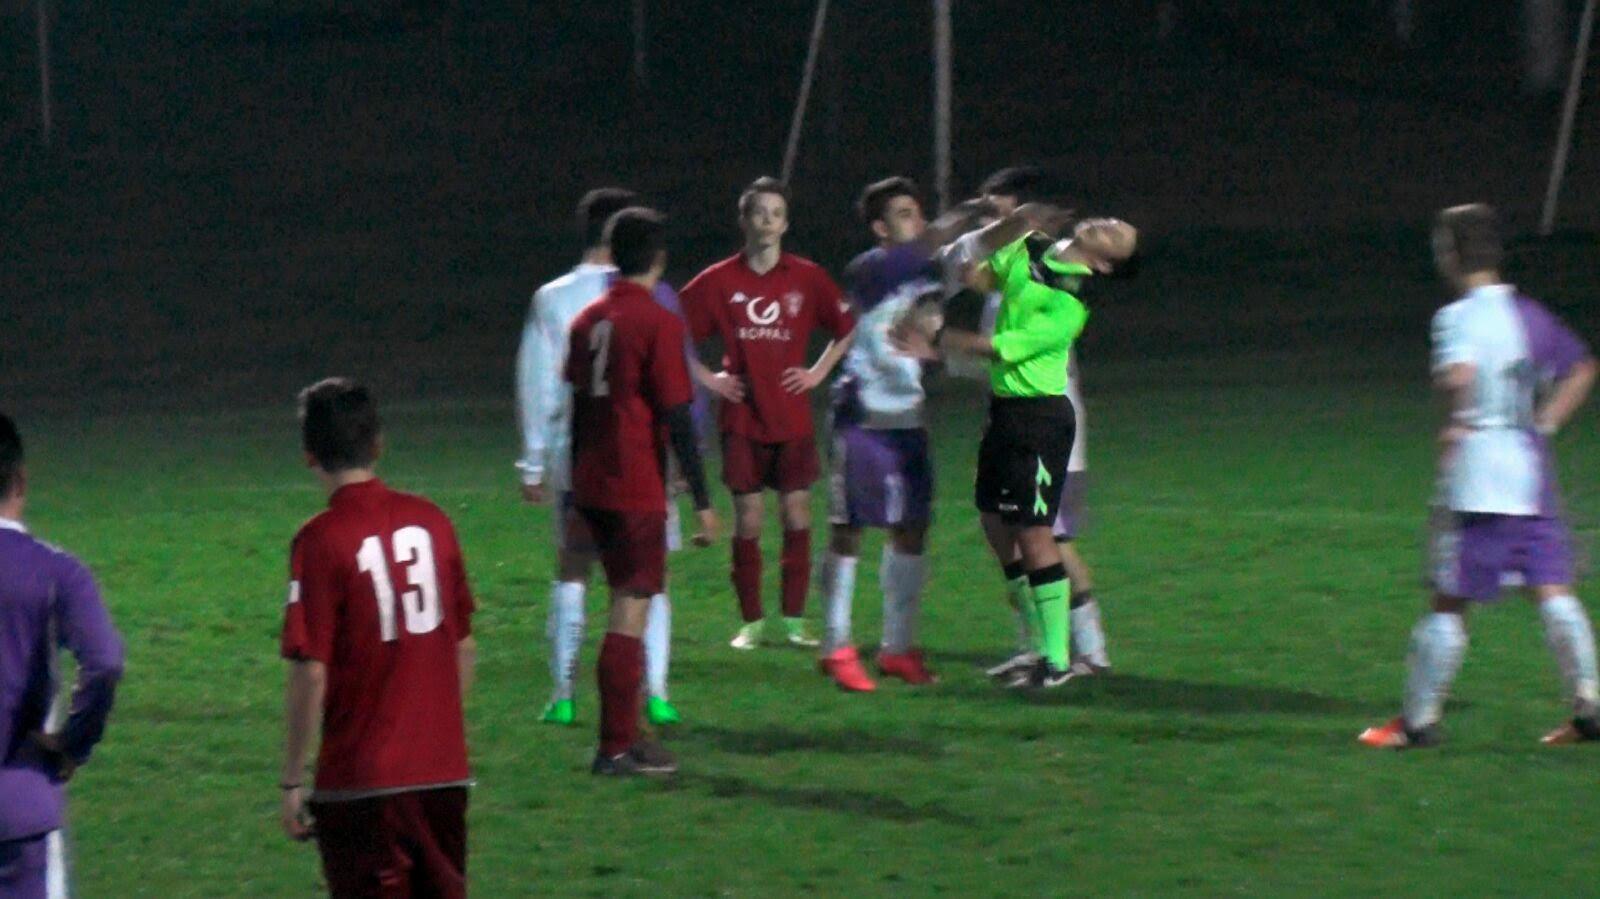 Il momento dell'aggressione all'arbitro